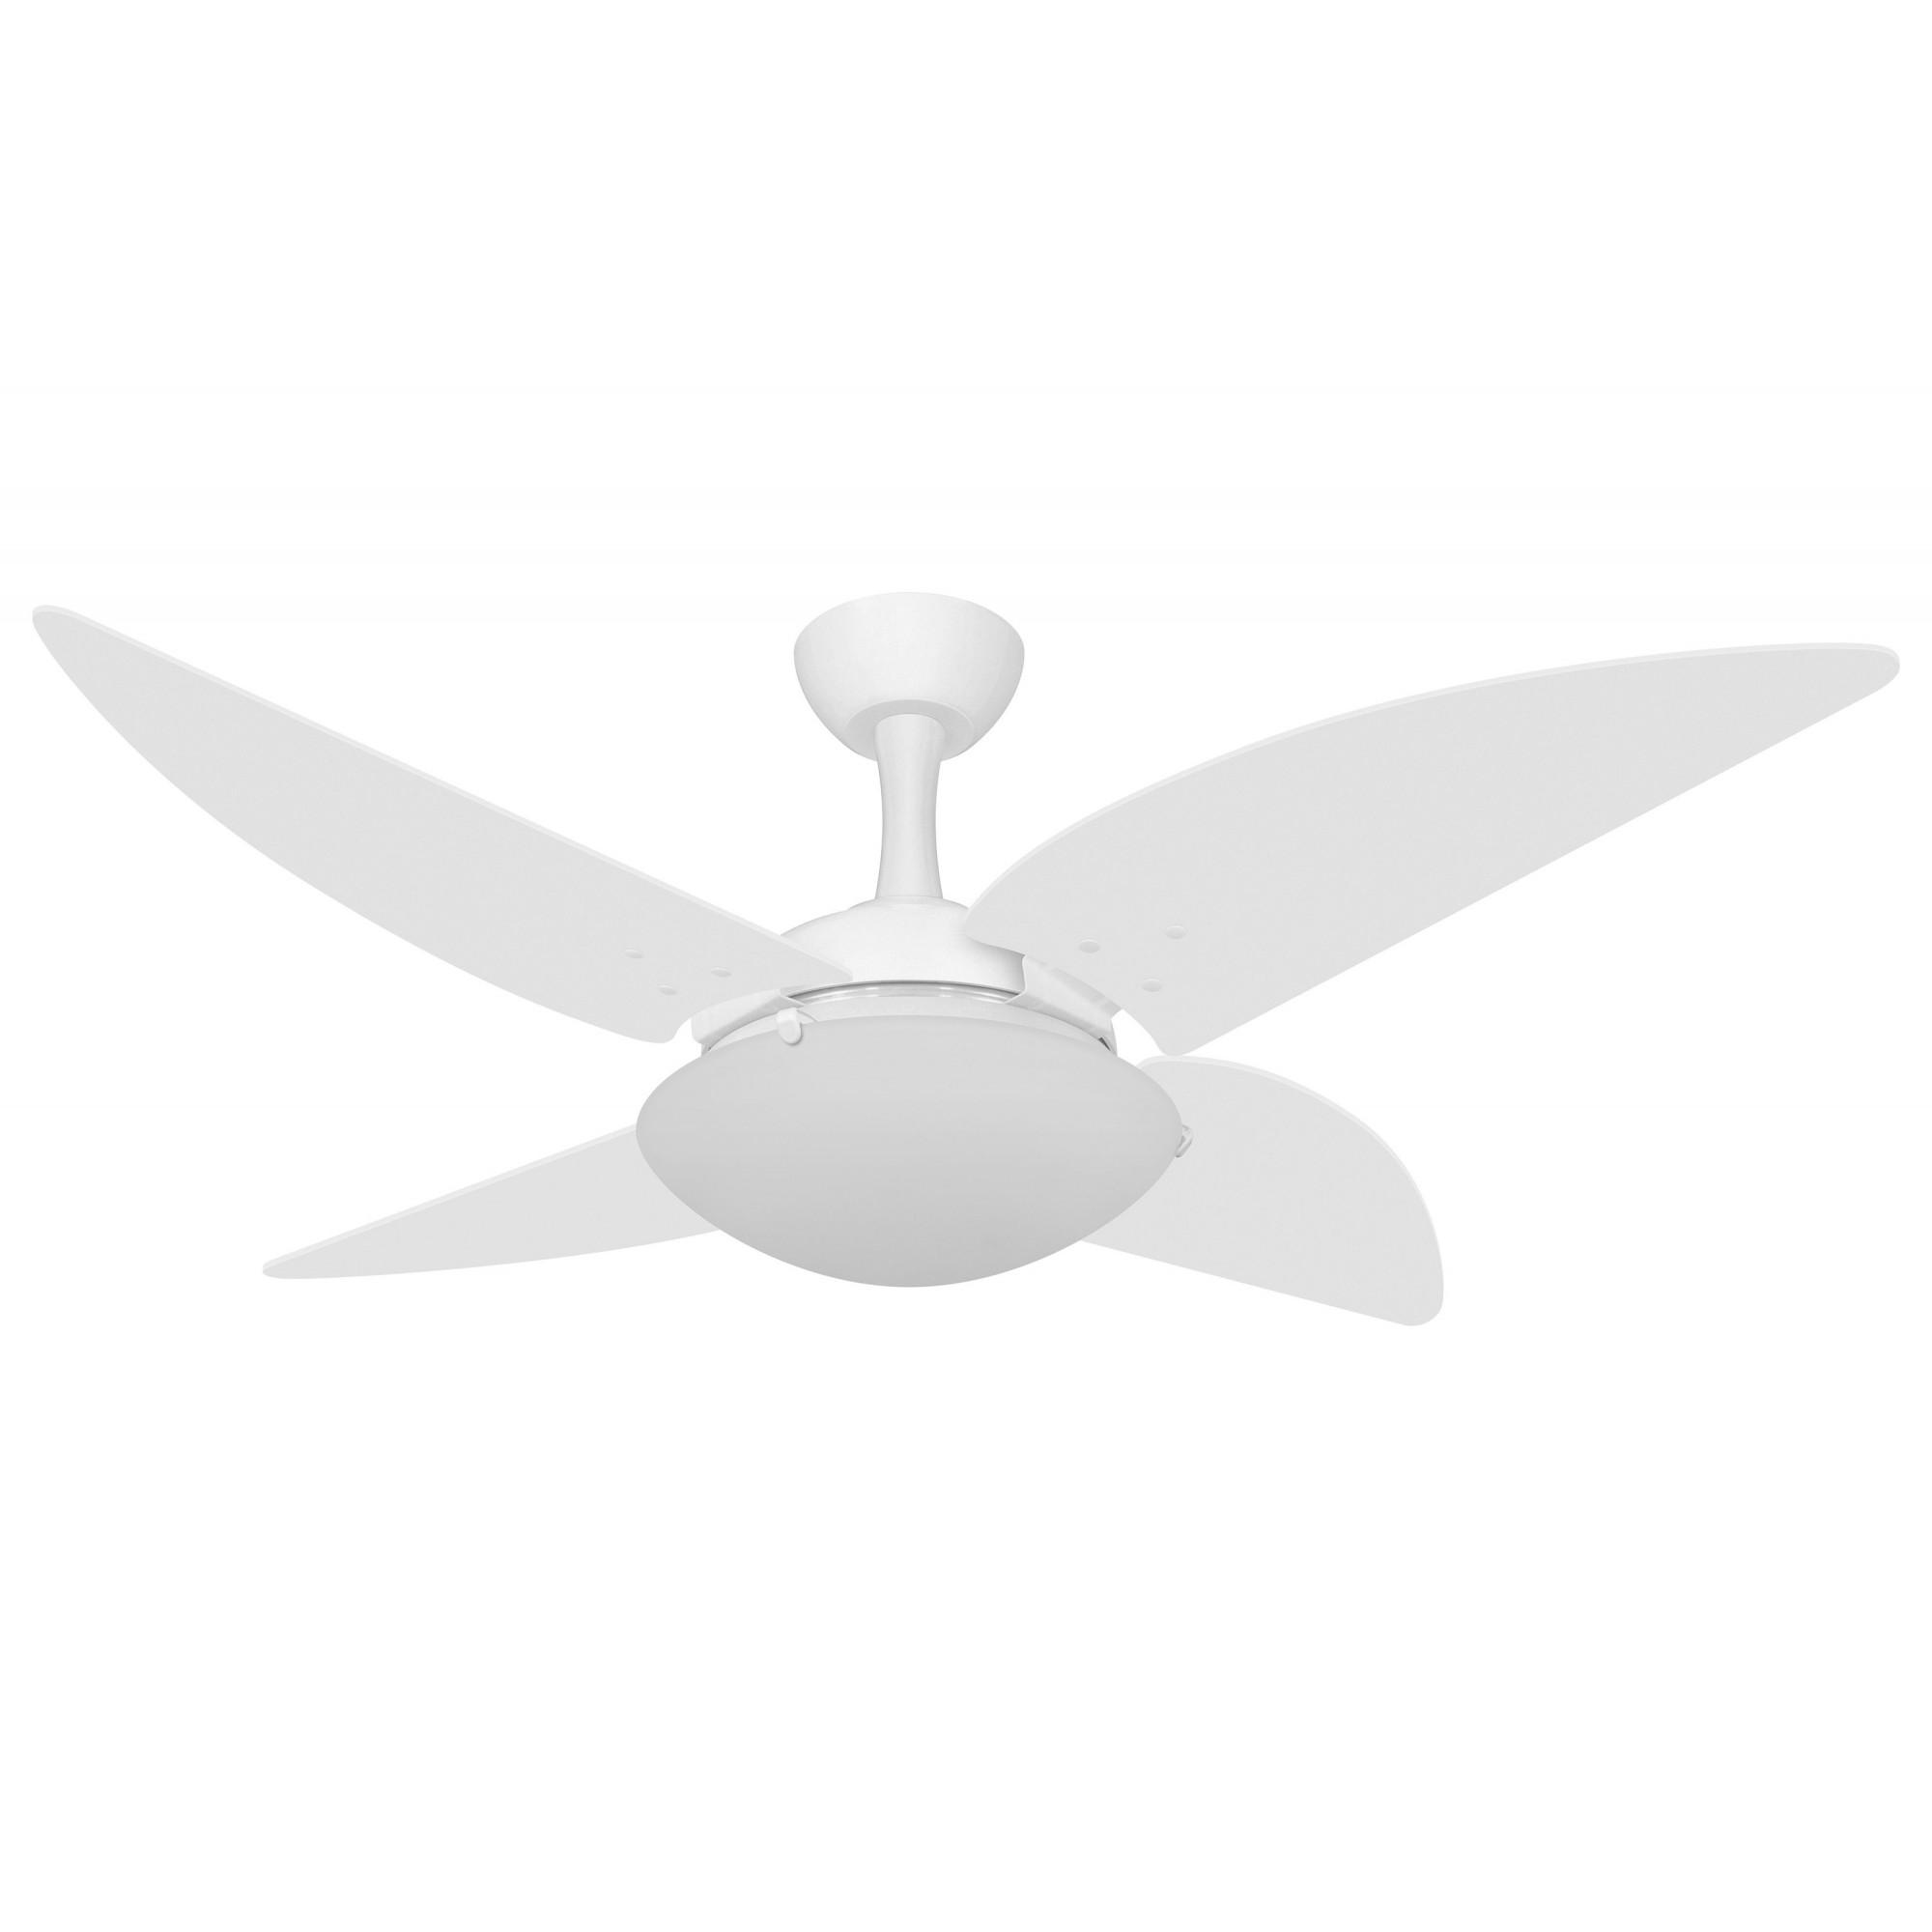 Ventilador de Teto Ventax Uno Branco 4 Pás de Plastico 220V